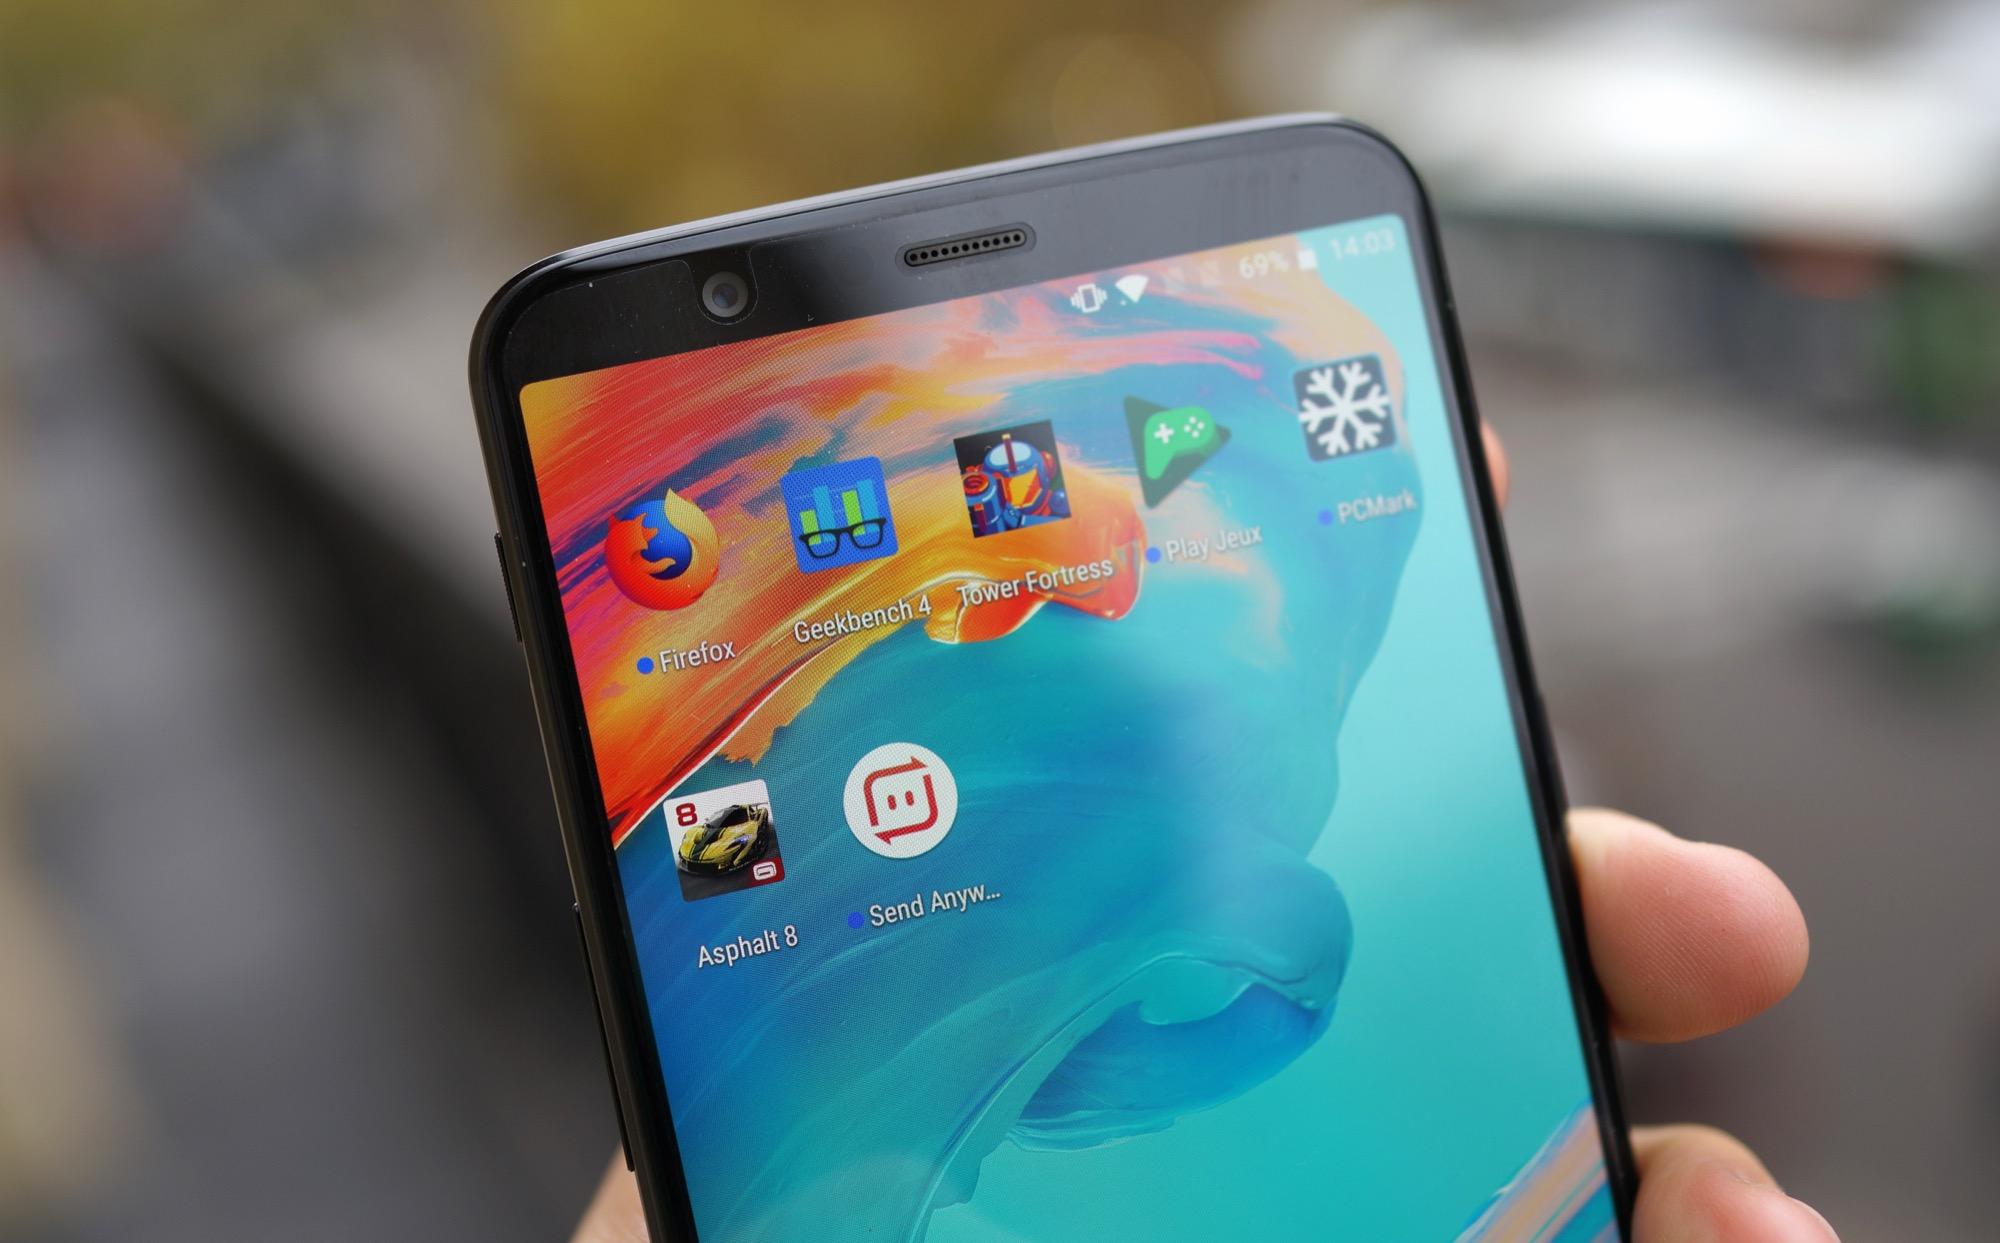 OnePlus 5T : « promis, la triche dans les benchmarks, c'est fini »